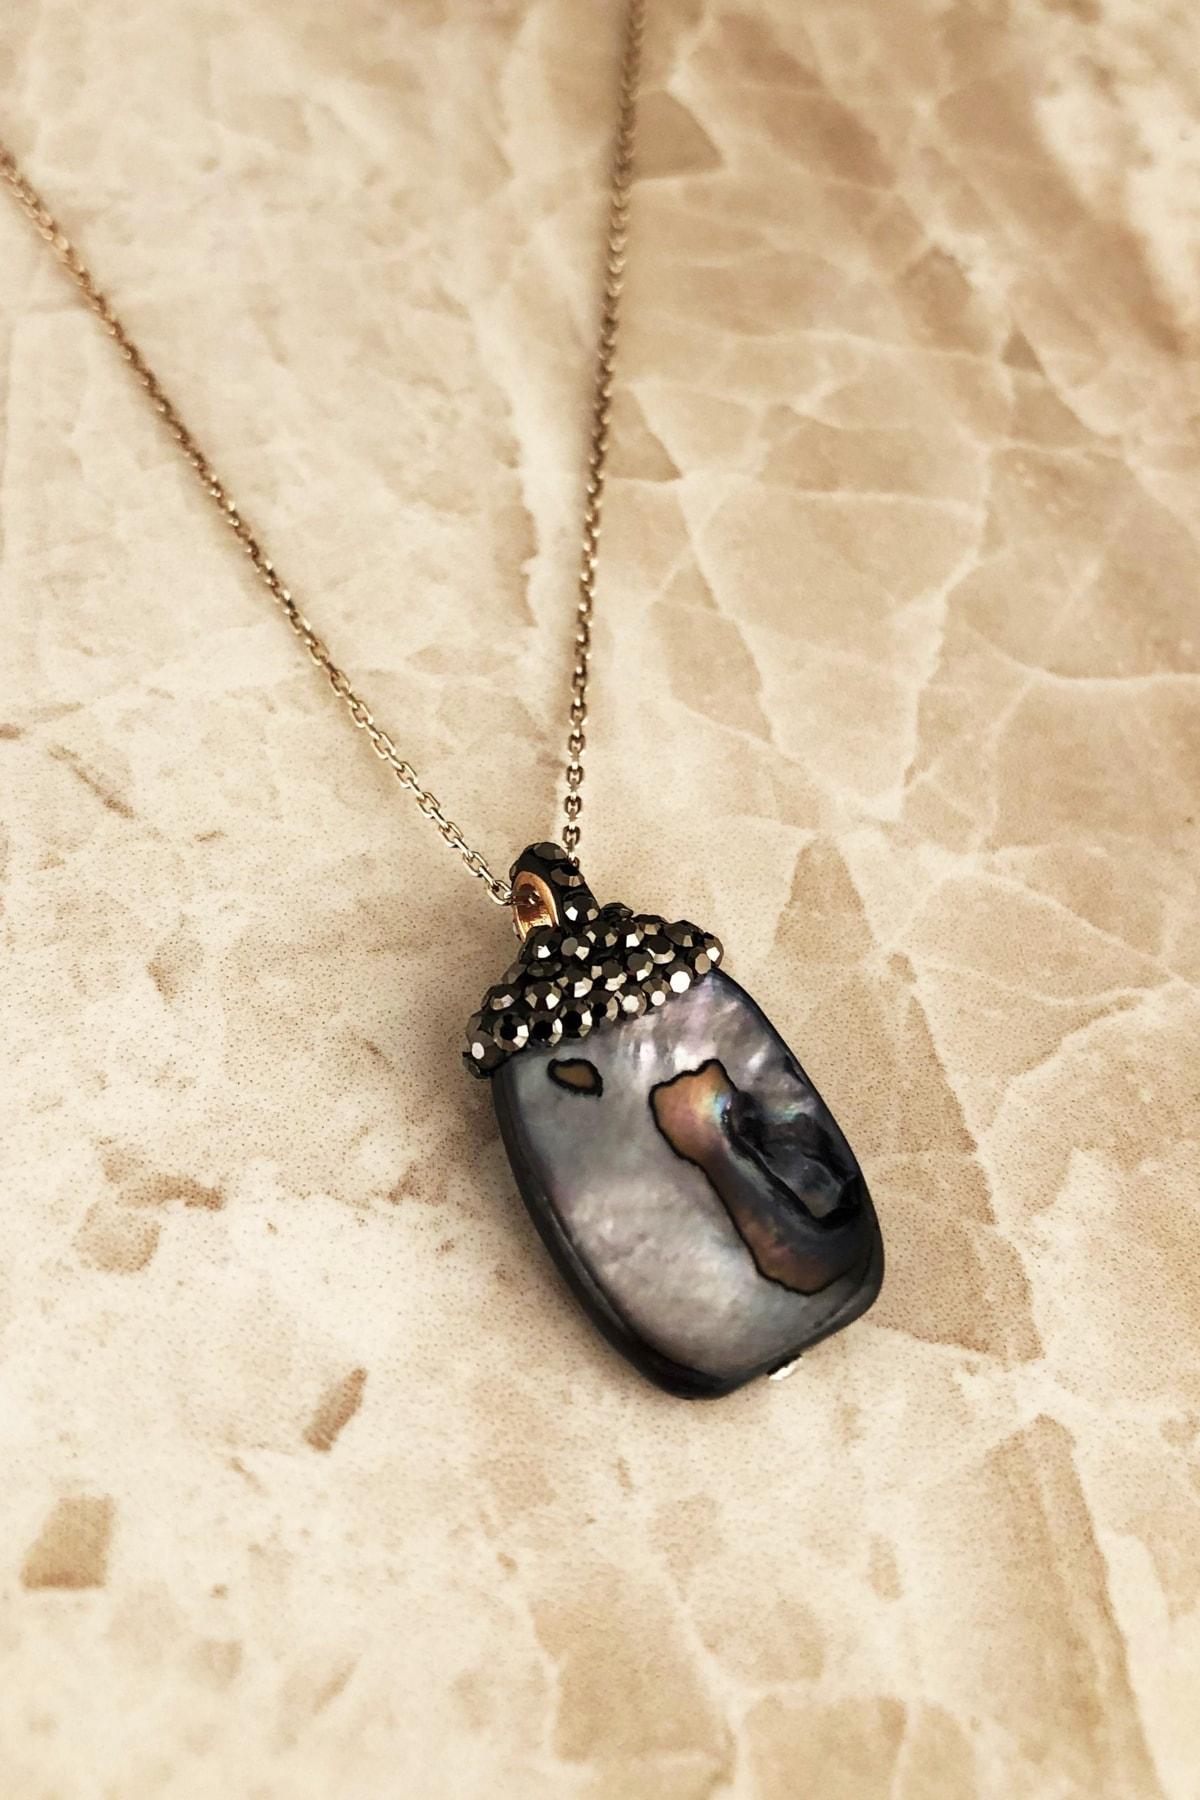 Dr. Stone Doğaltaş Kadın Sedef Taşı 925 Ayar Gümüş Kolye RYL126 1